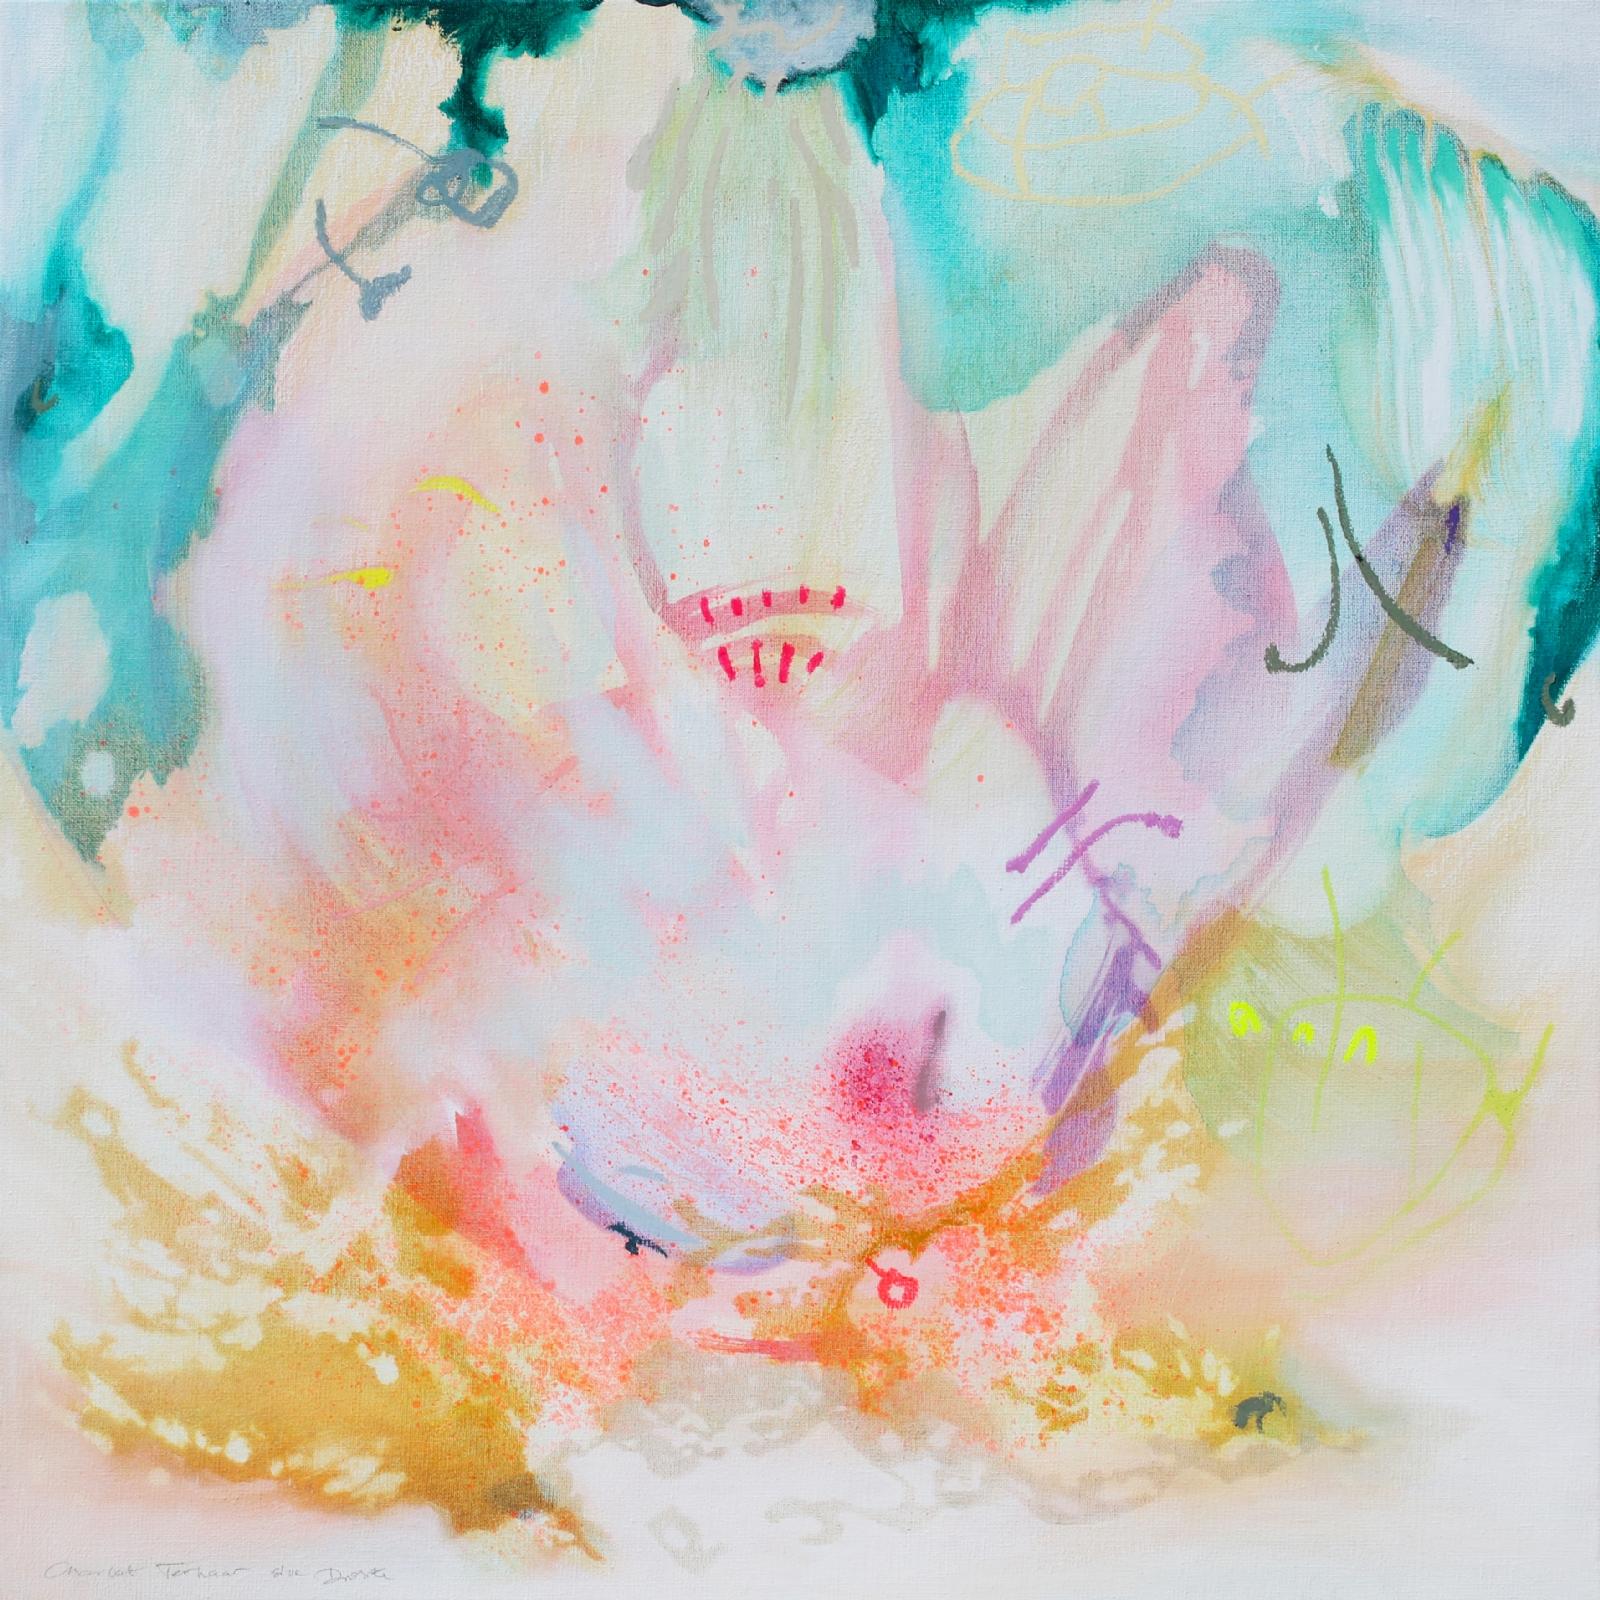 Schilderij #429